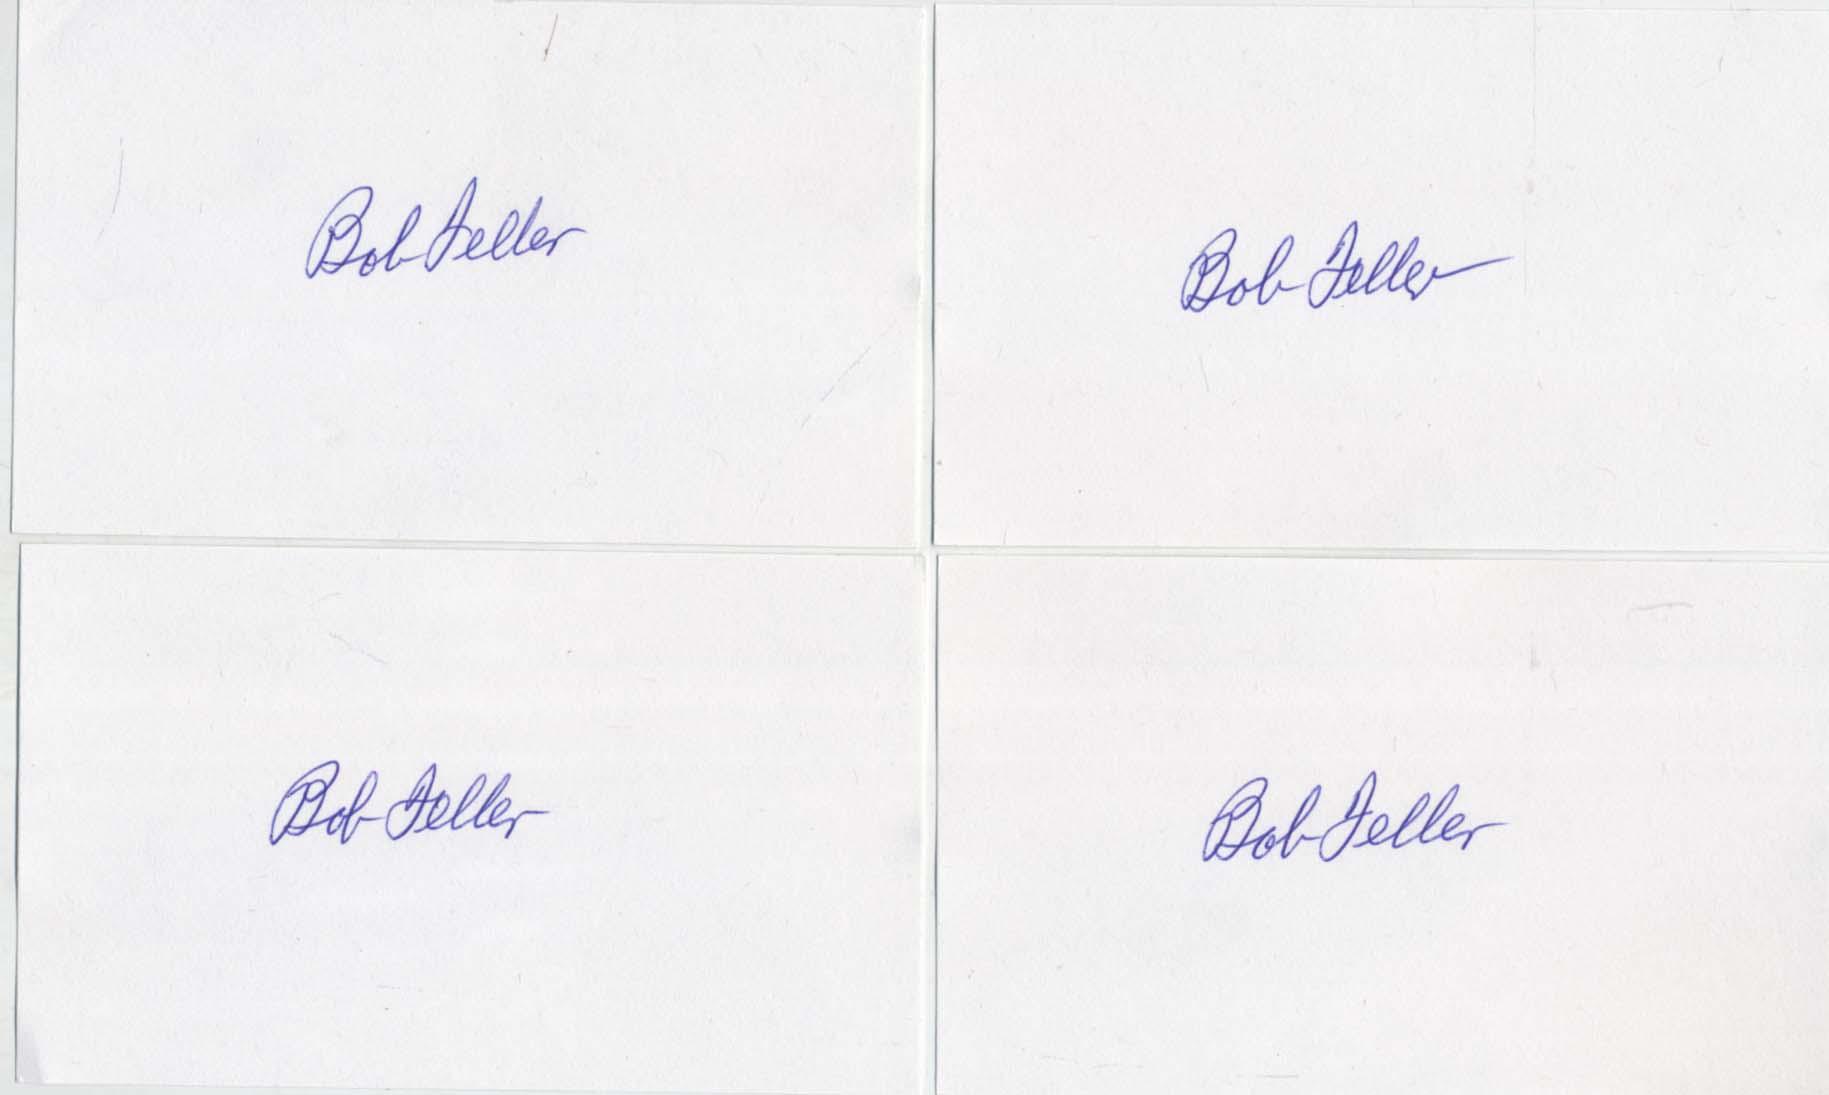 Lot #15  3 x 5  Feller, Bob (lot of 100) Cond: 9.5